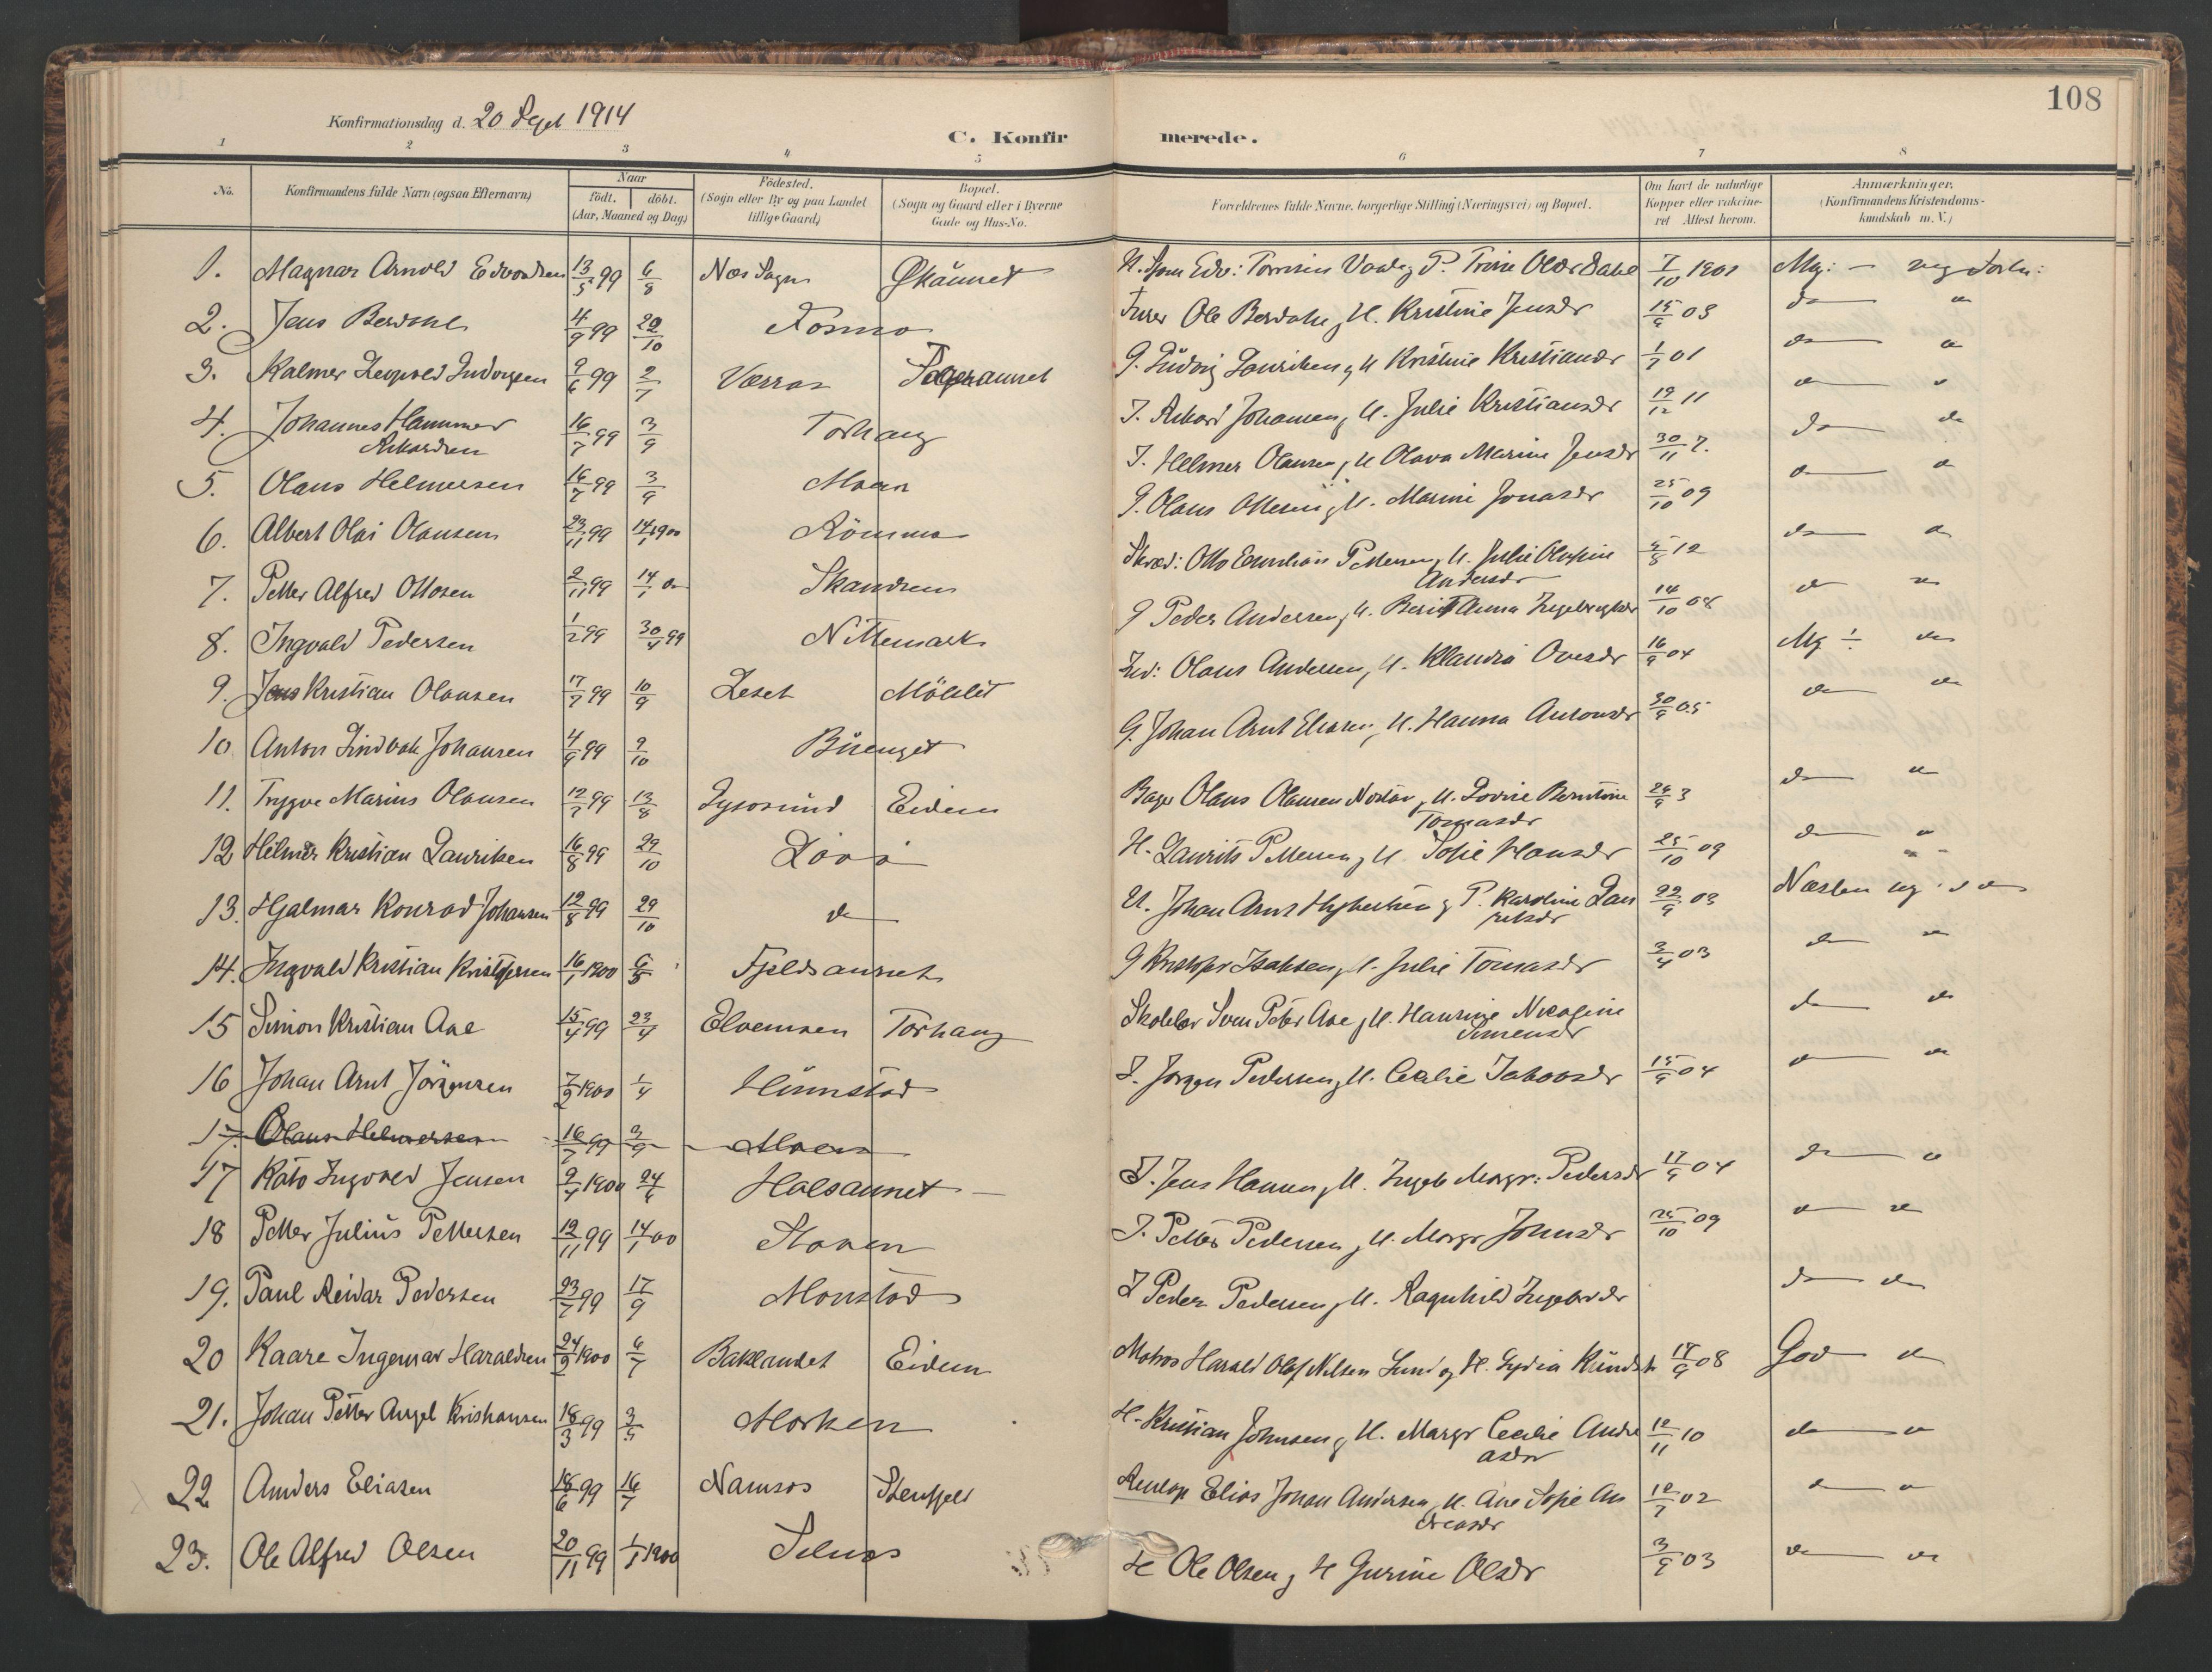 SAT, Ministerialprotokoller, klokkerbøker og fødselsregistre - Sør-Trøndelag, 655/L0682: Ministerialbok nr. 655A11, 1908-1922, s. 108